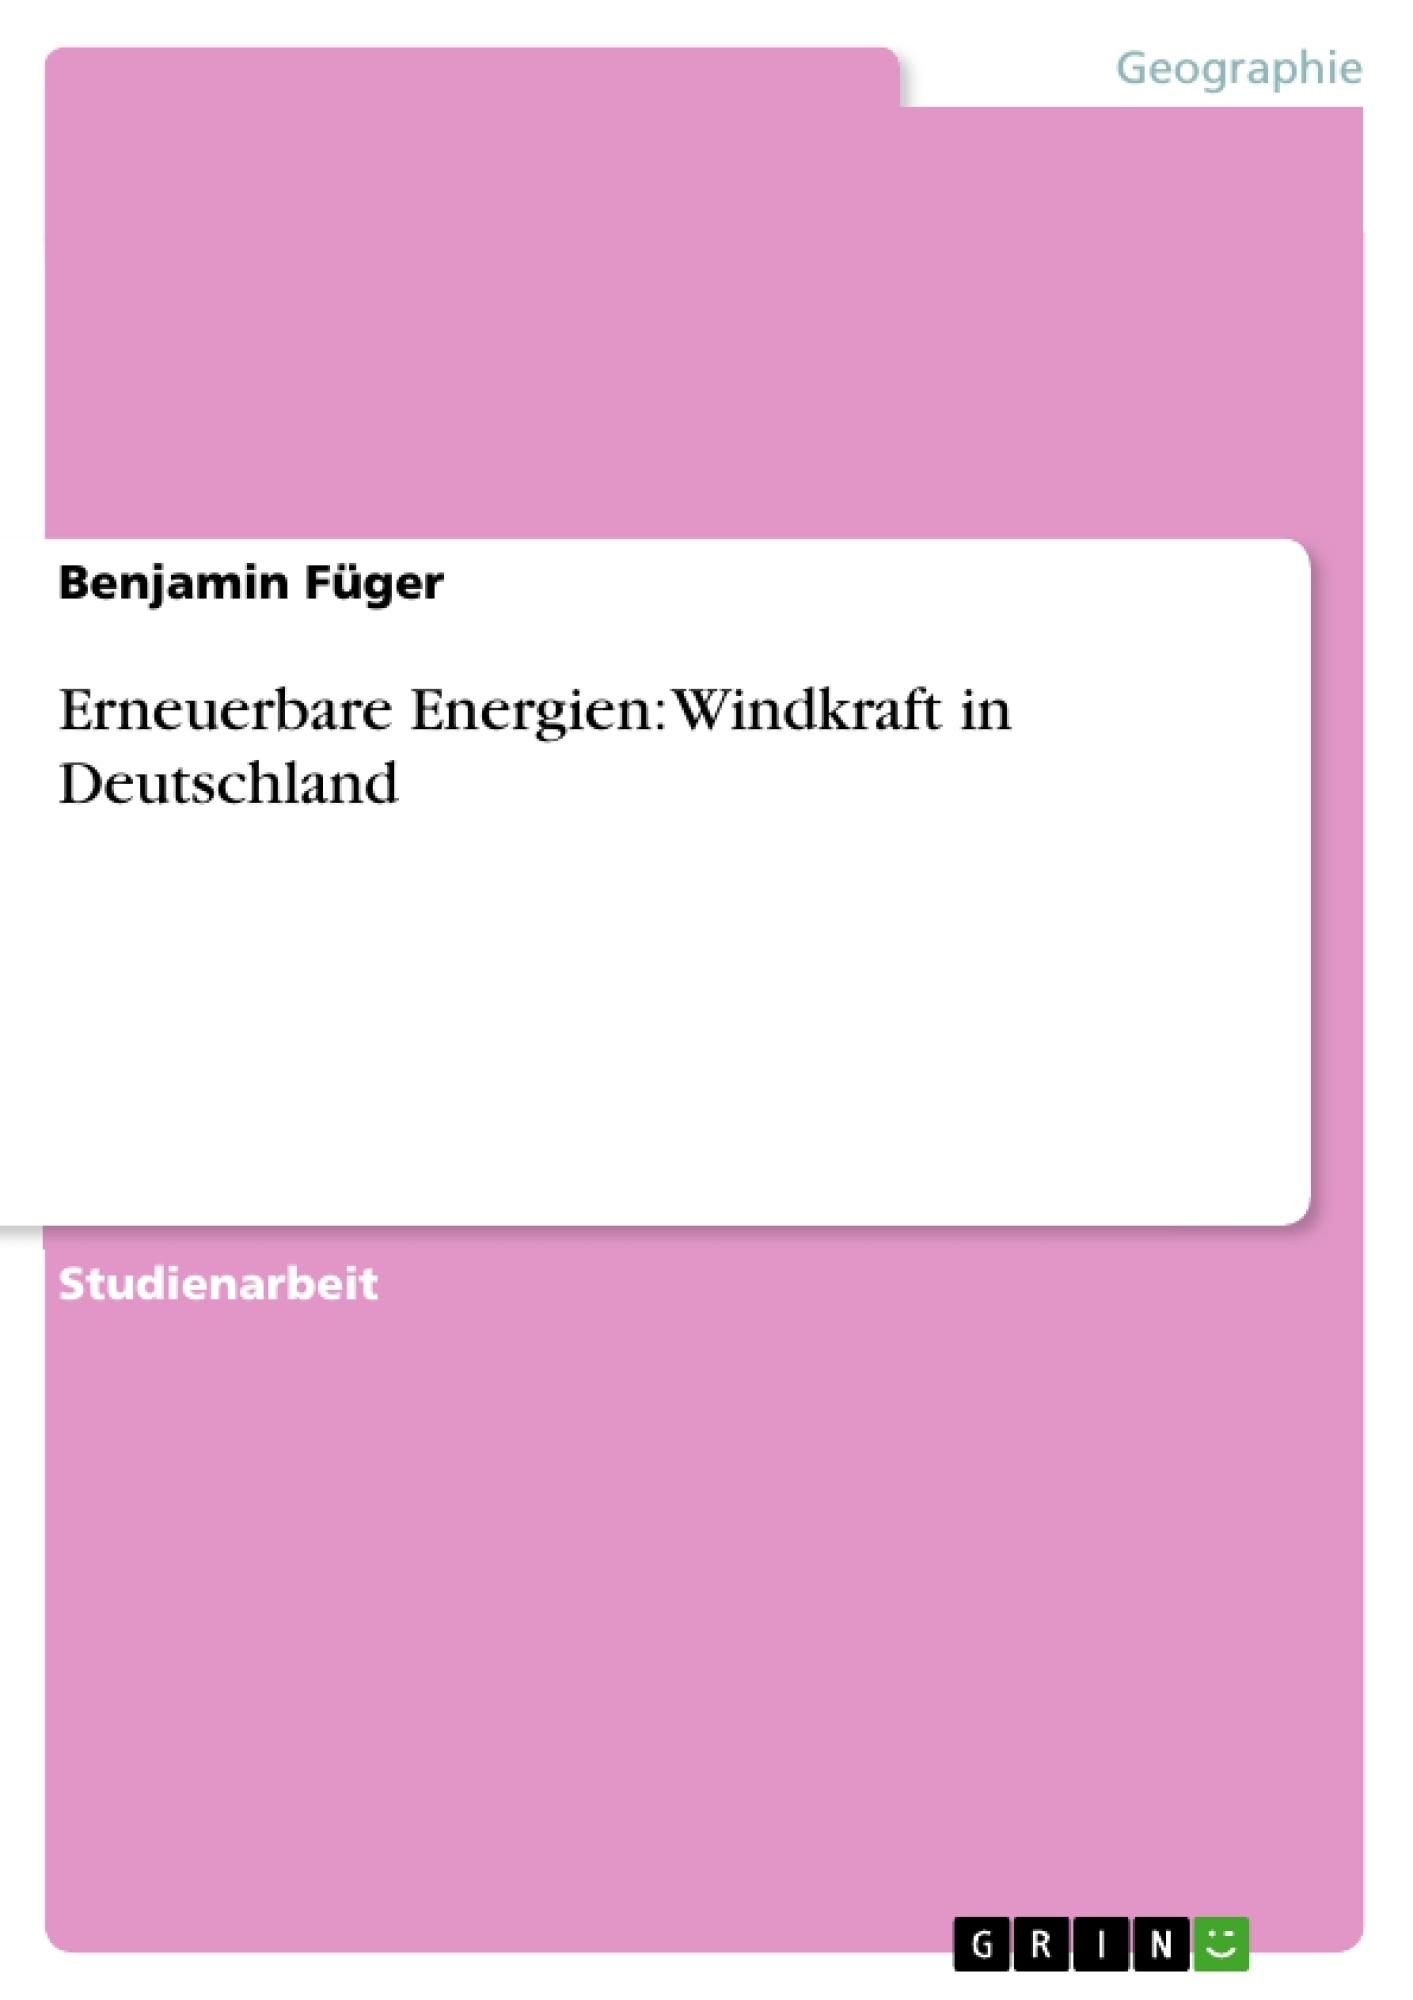 Titel: Erneuerbare Energien: Windkraft in Deutschland